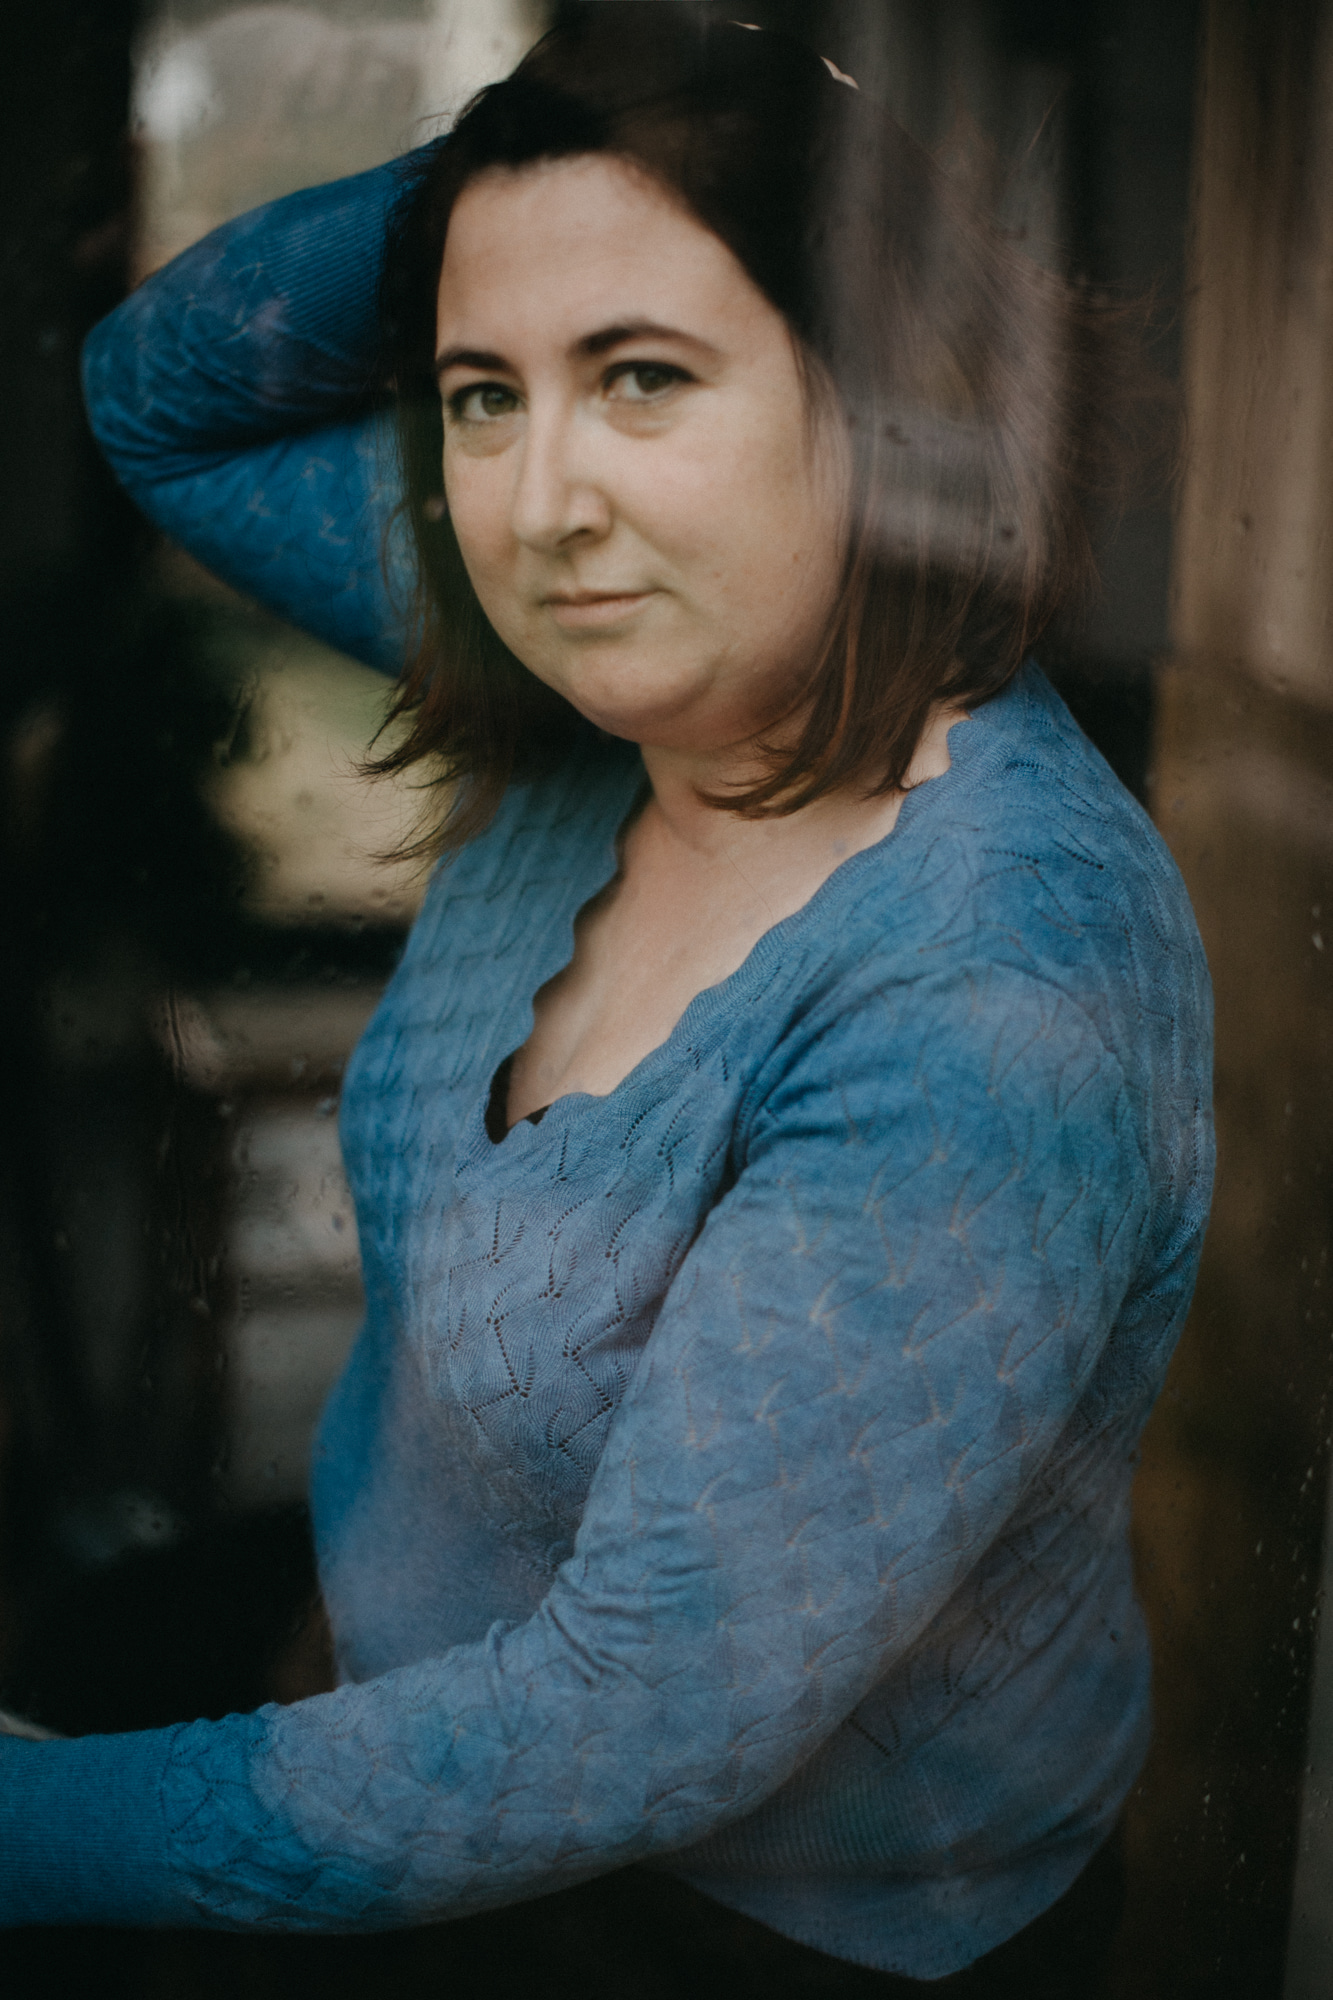 photographe portrait rouen - sylvain marchand - portraits naturels - photographe lifestyle - portraits de femme -seance photo lifestyle - portraits naturels normandie